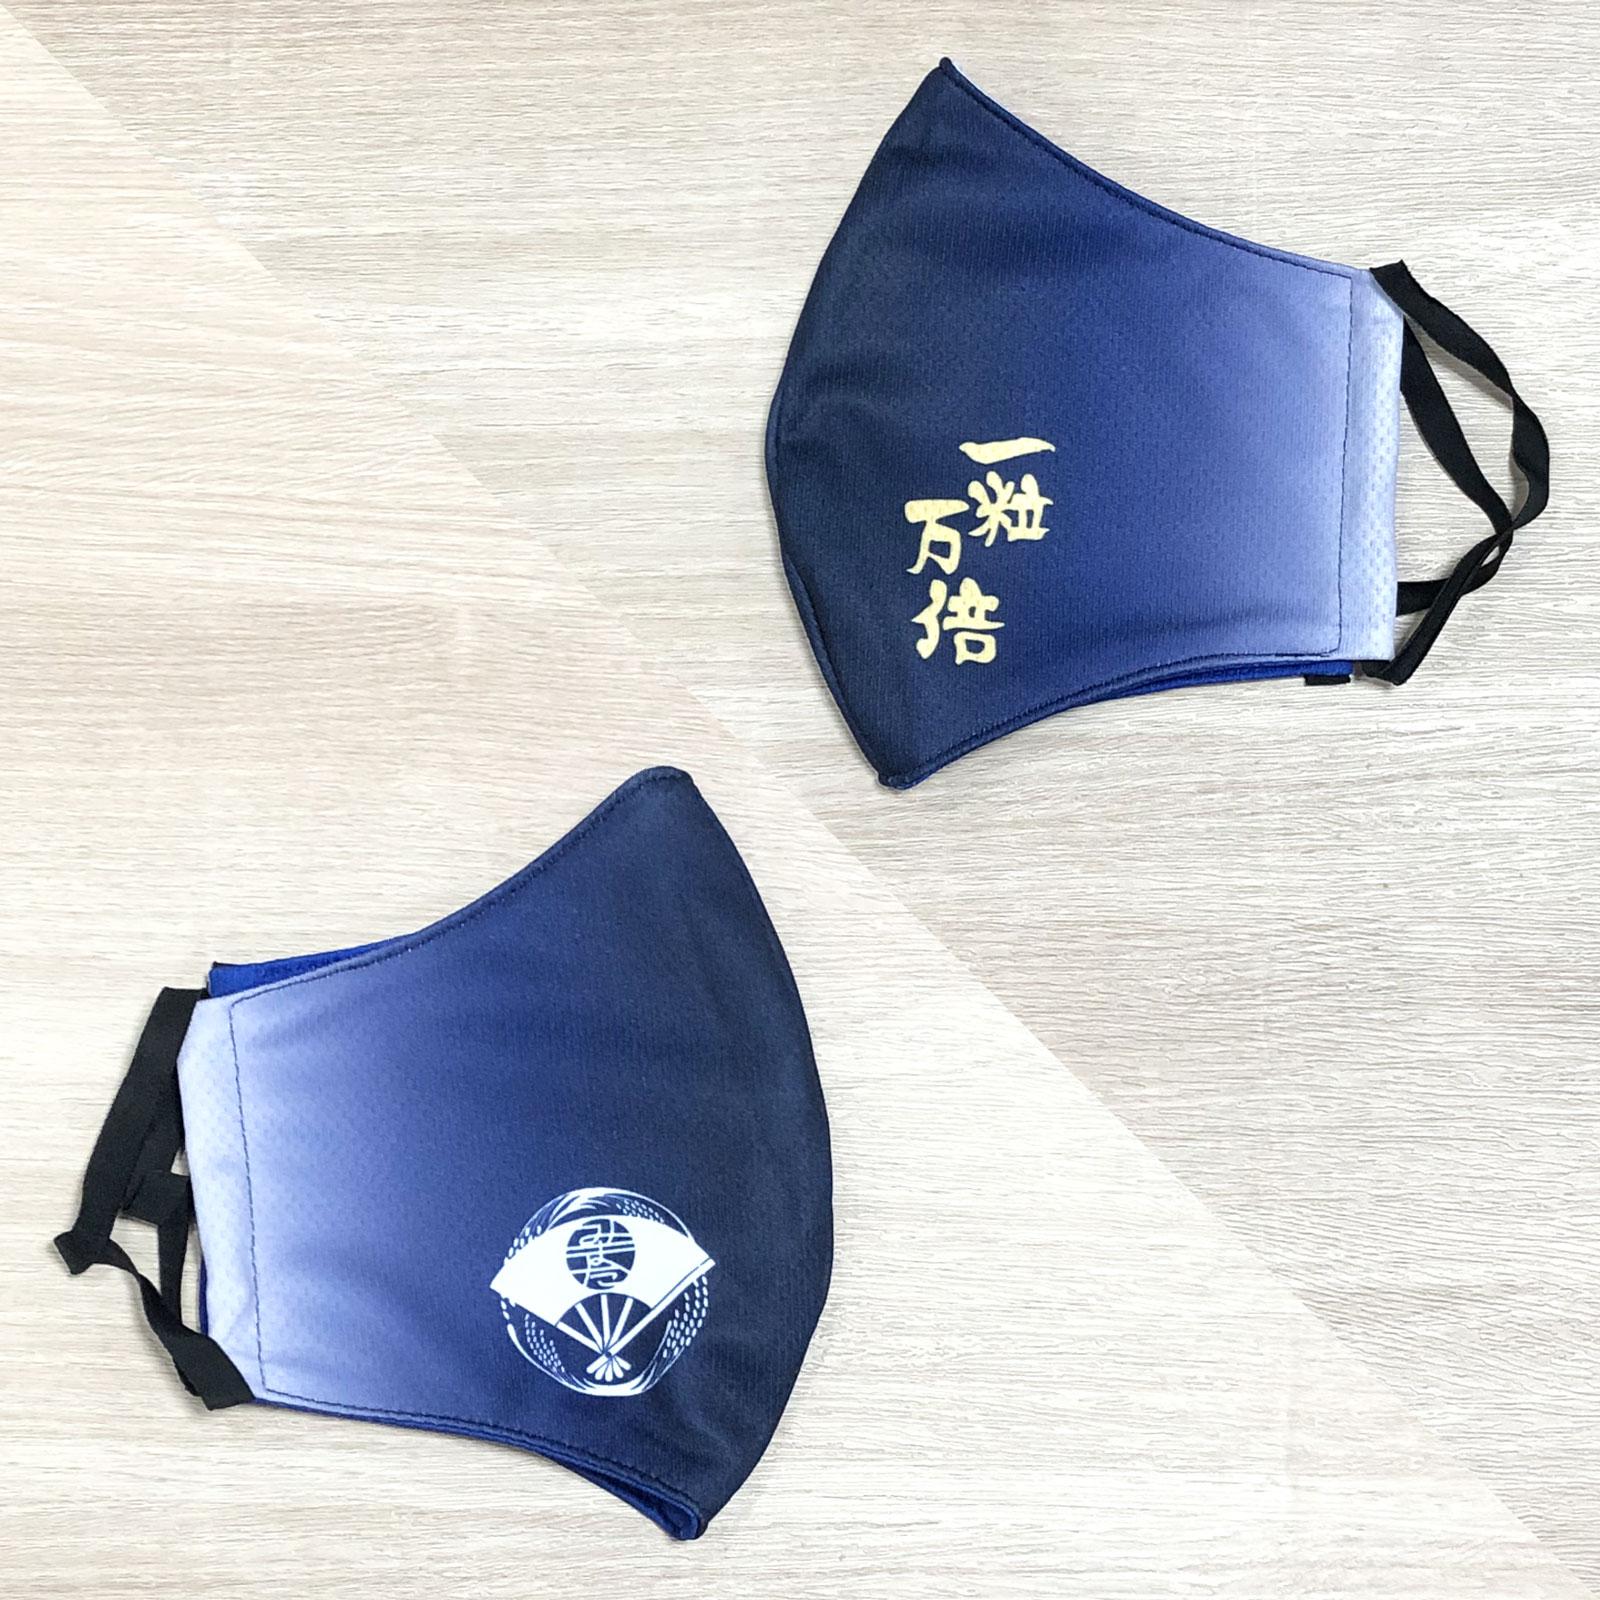 オリジナル昇華マスク